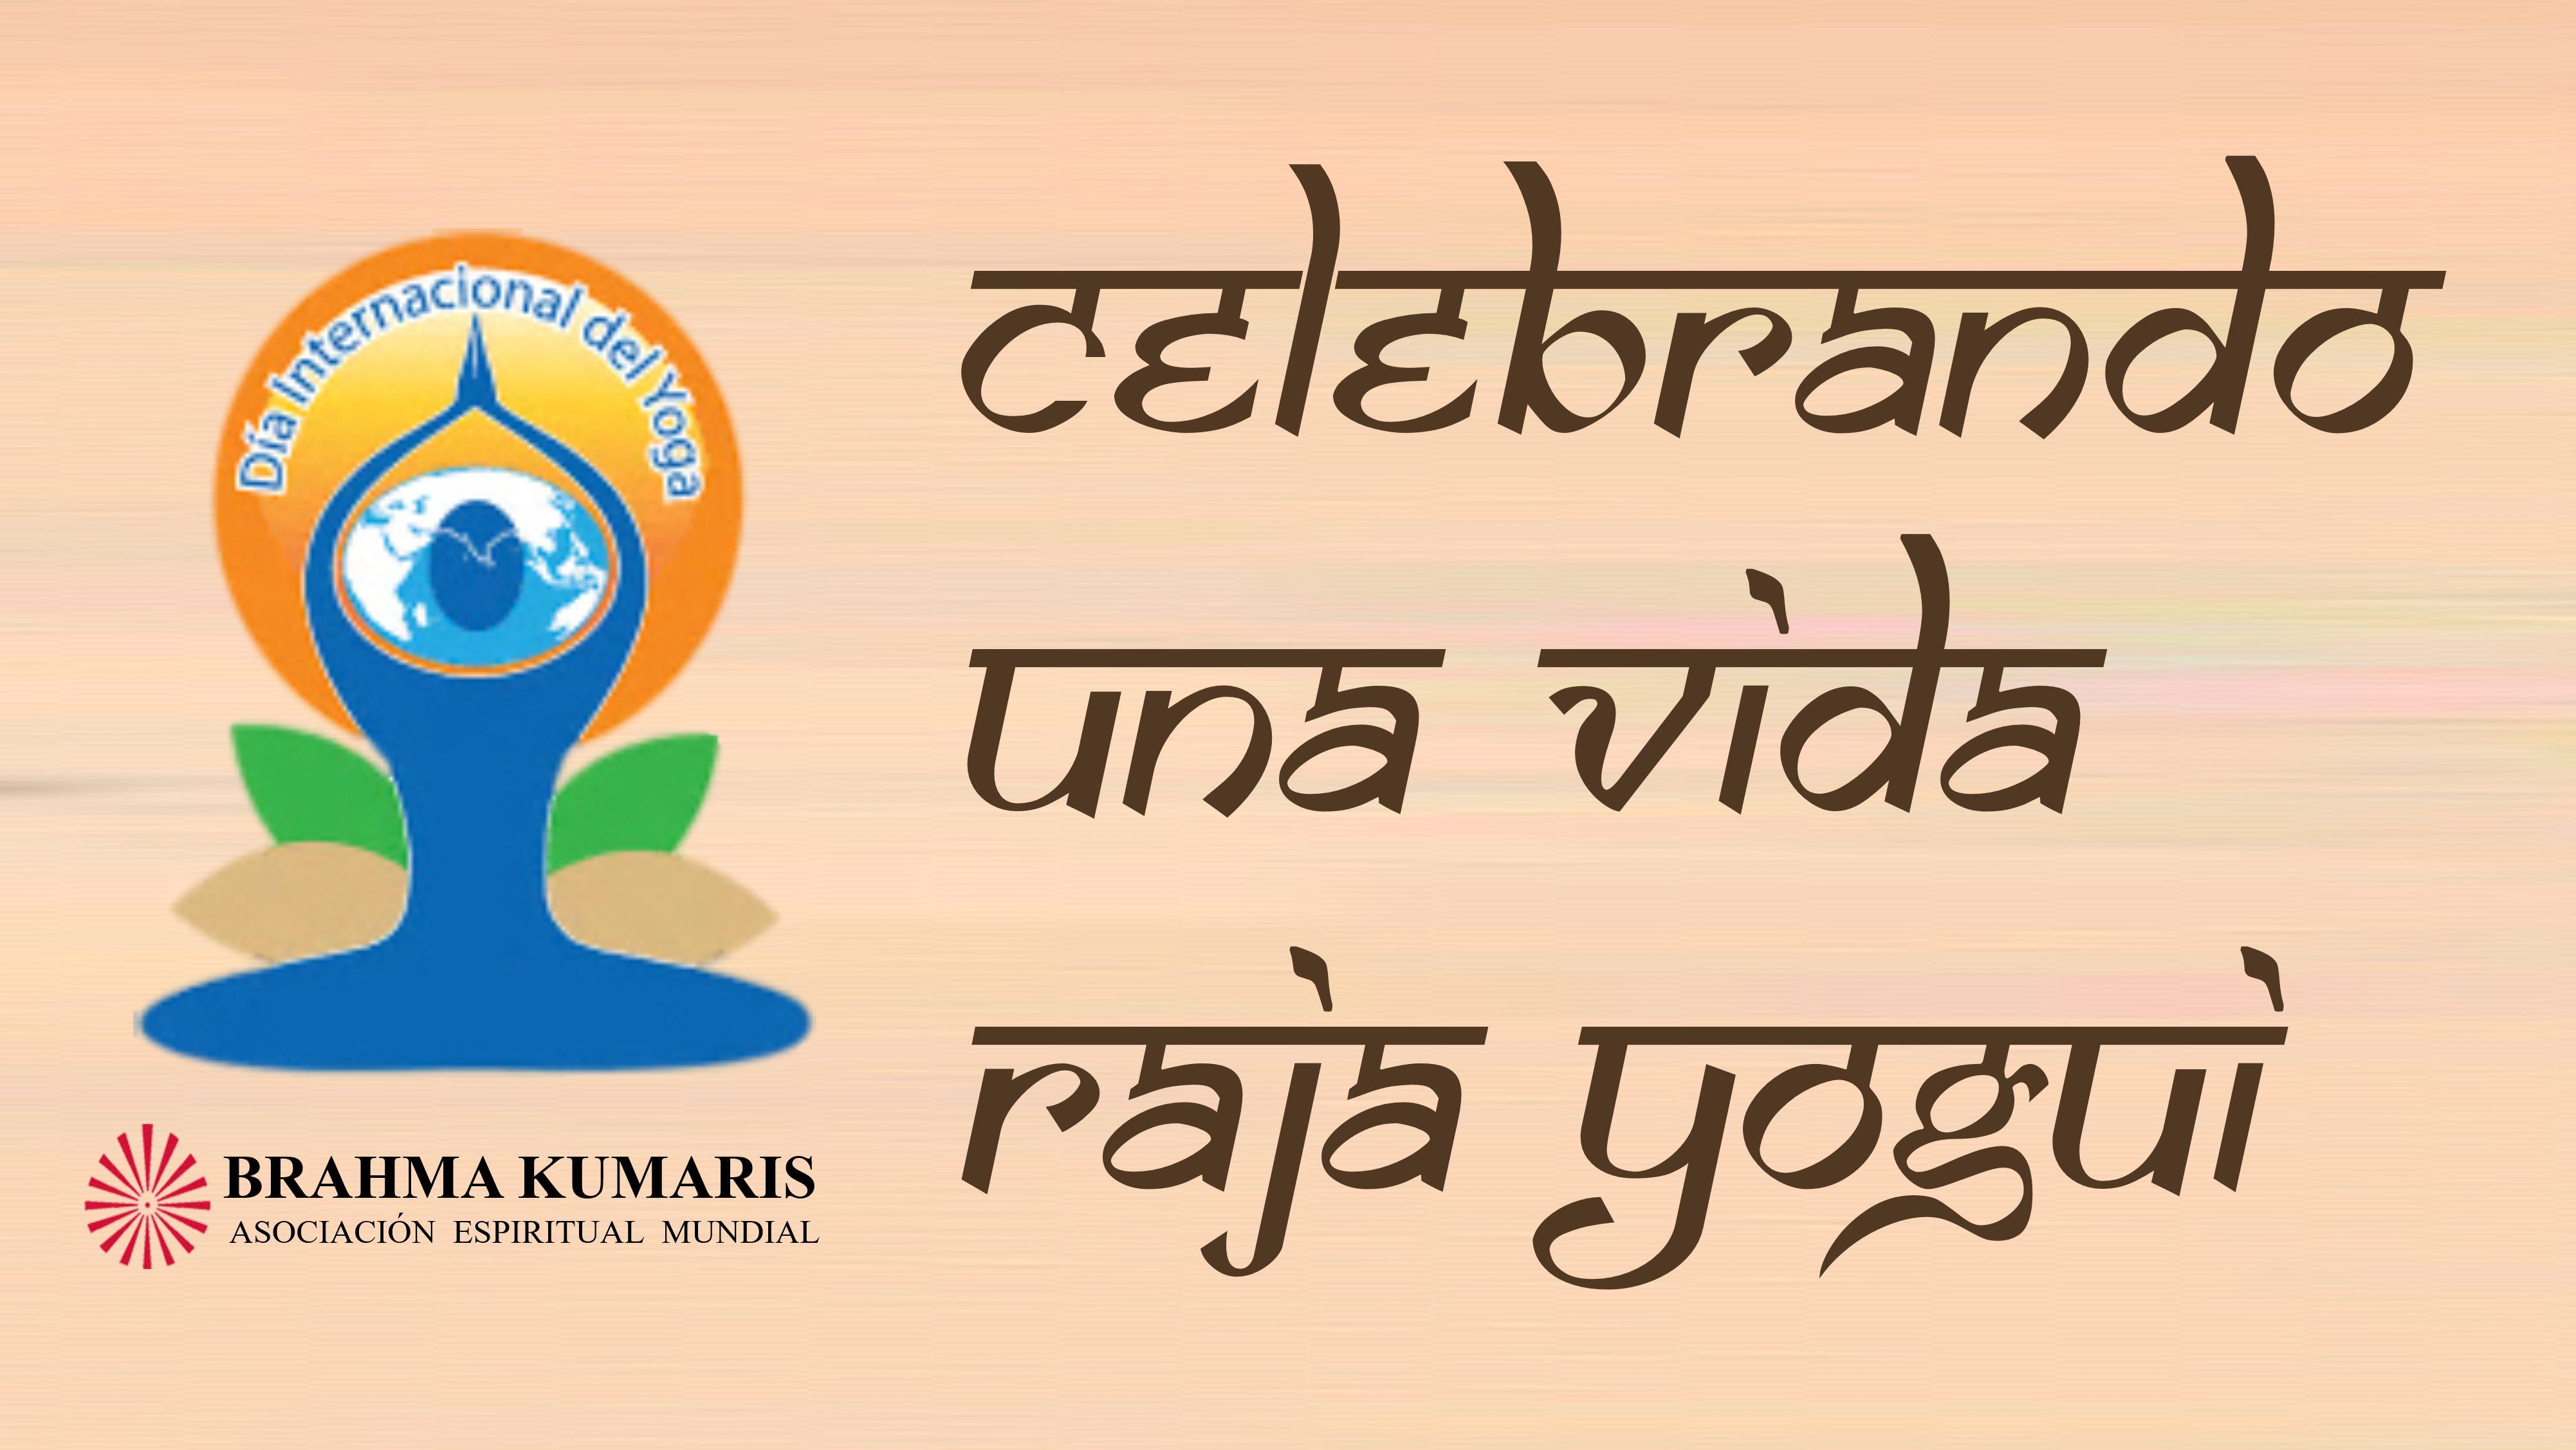 """PROGRAMA ESPECIAL DÍA INTERNACIONAL del YOGA: """"Celebrando una vida Raja Yogui"""""""